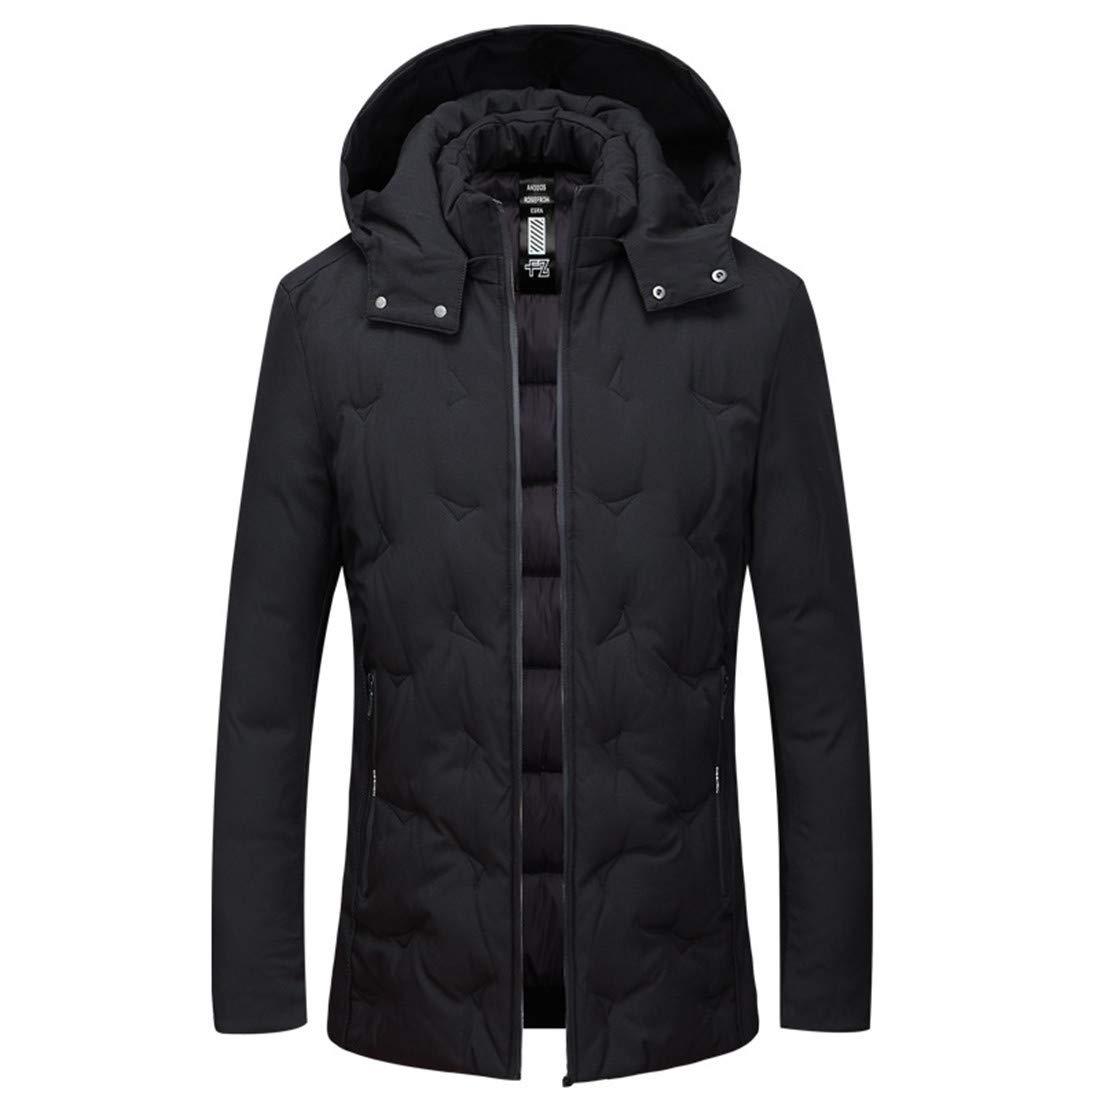 CAI&HONG-GUO GCH Unten Baumwolle Kleidung Herbst und Winter Lange Abschnitt Freizeit männlich